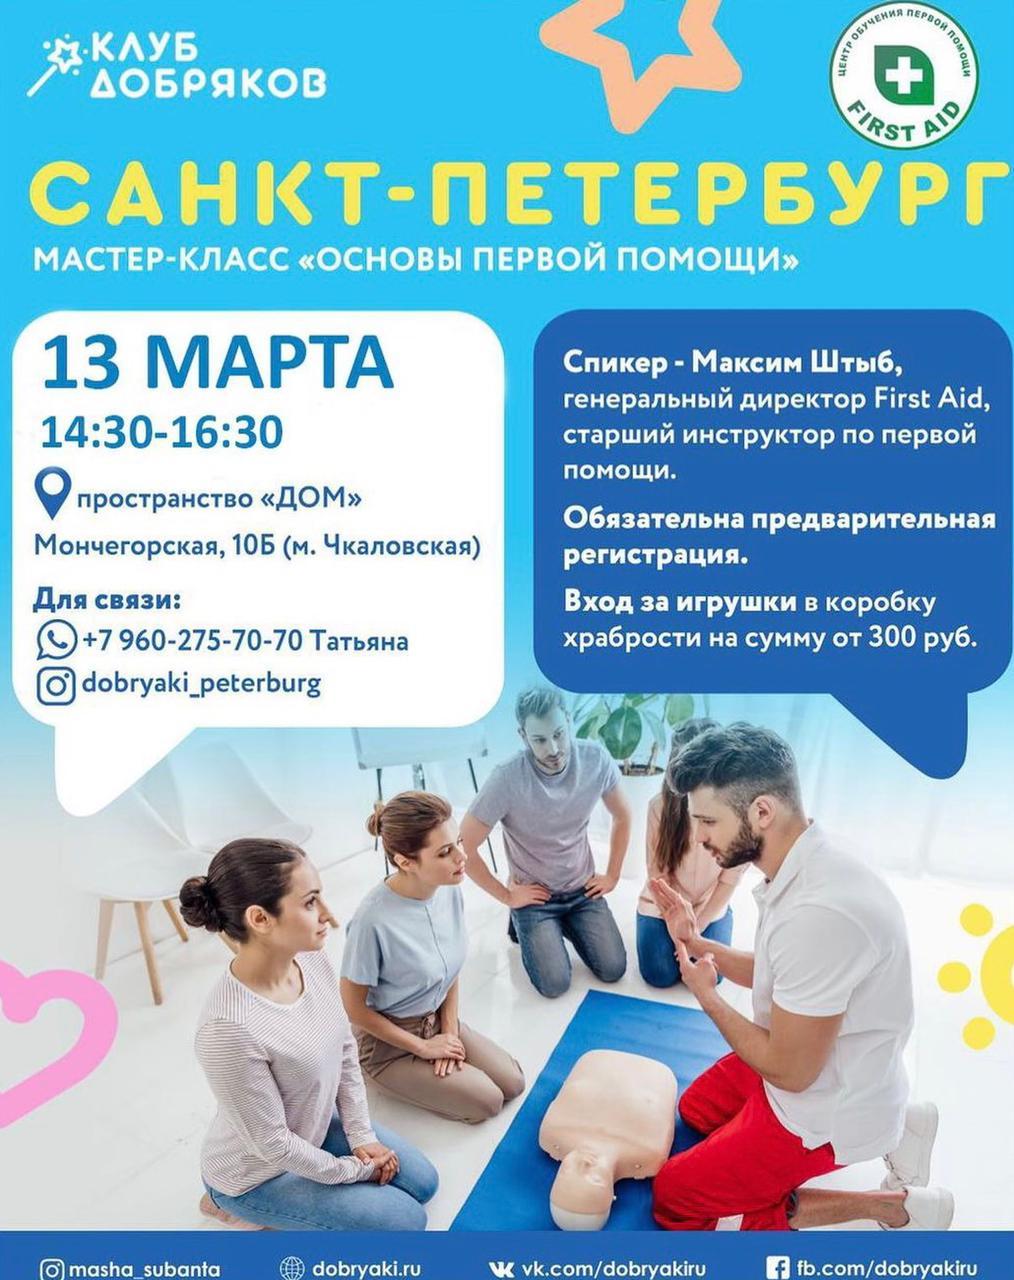 В Санкт-Петербурге состоится мастер-класс по оказанию первой помощи